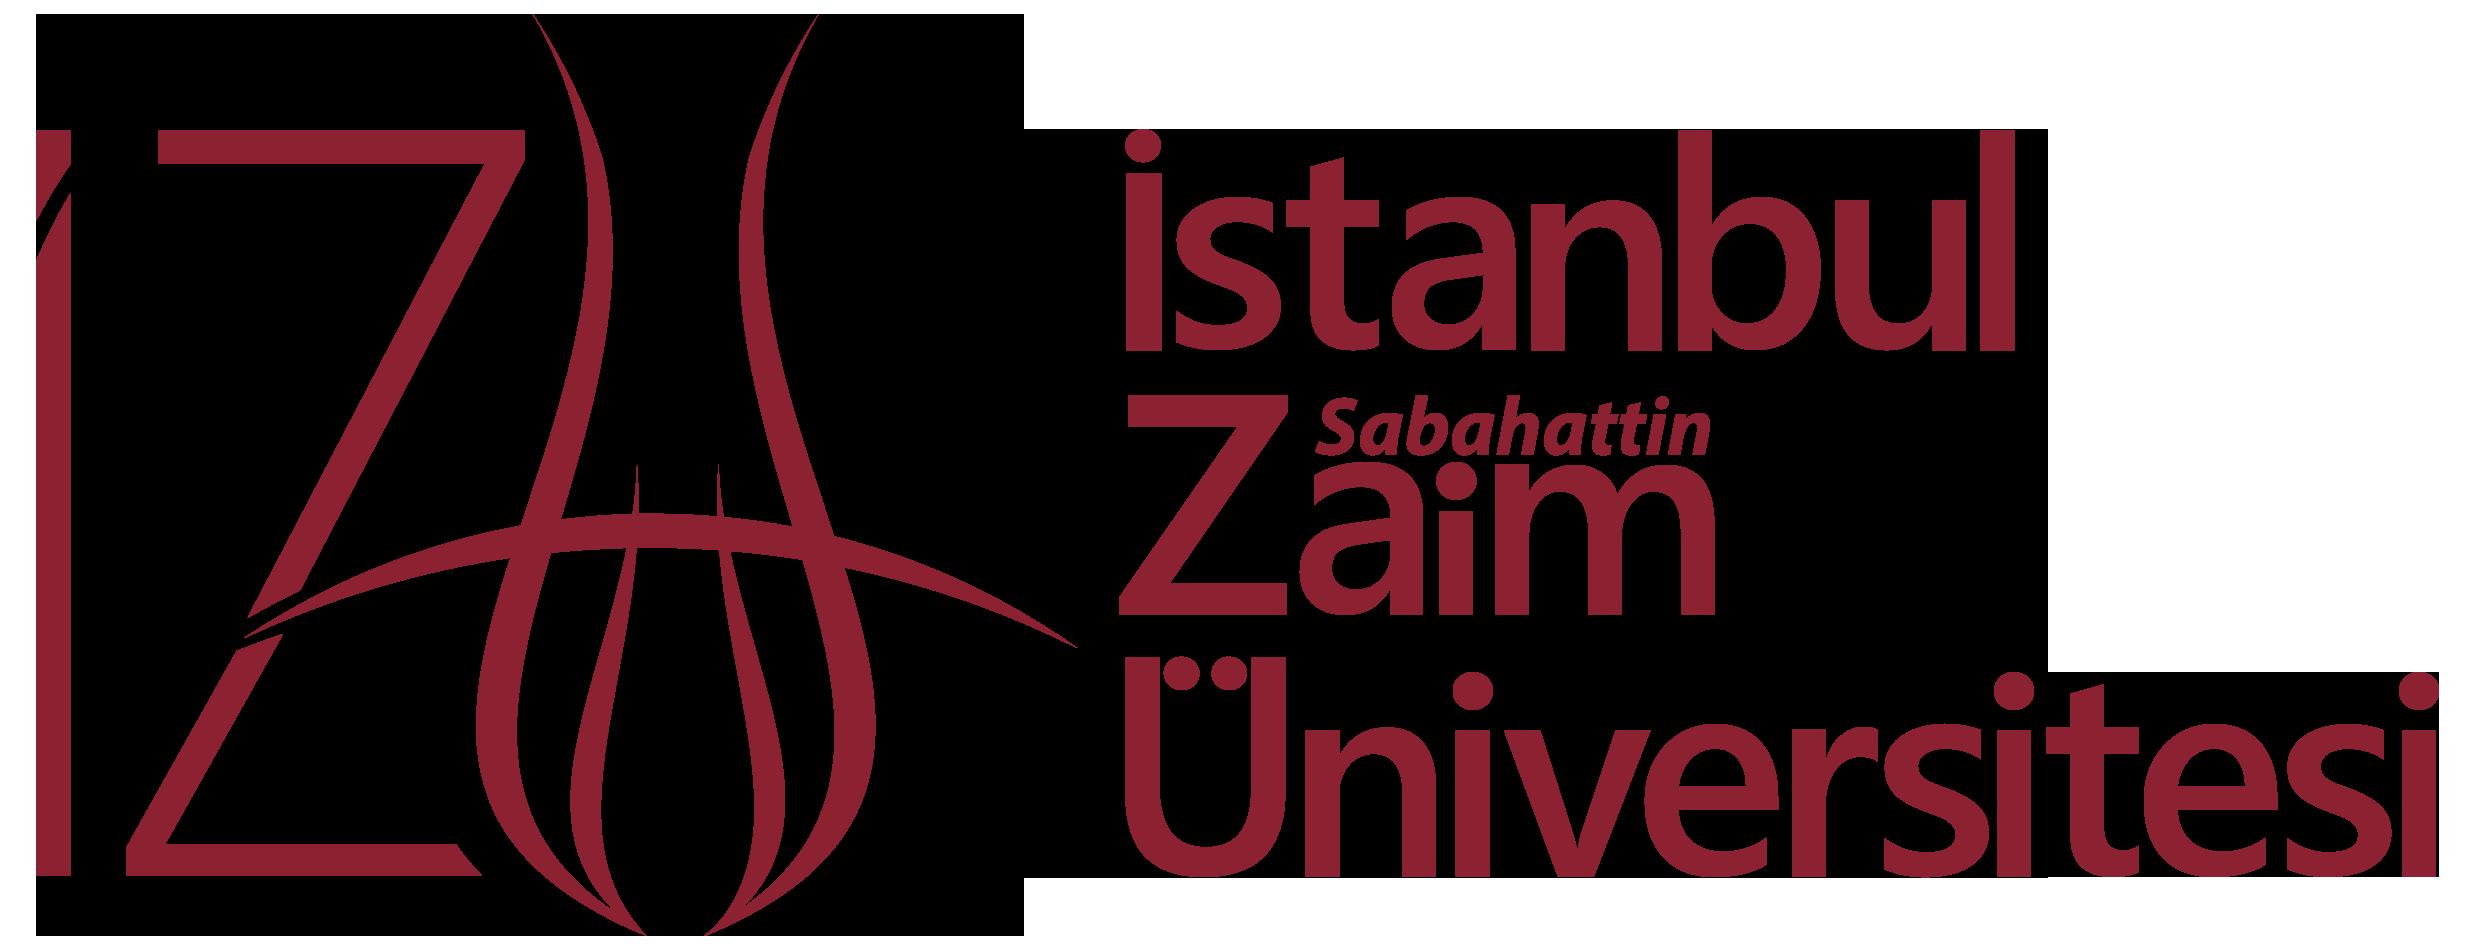 جامعة صباح الدين زعيم الخاصة - الجامعات الخاصة في تركيا